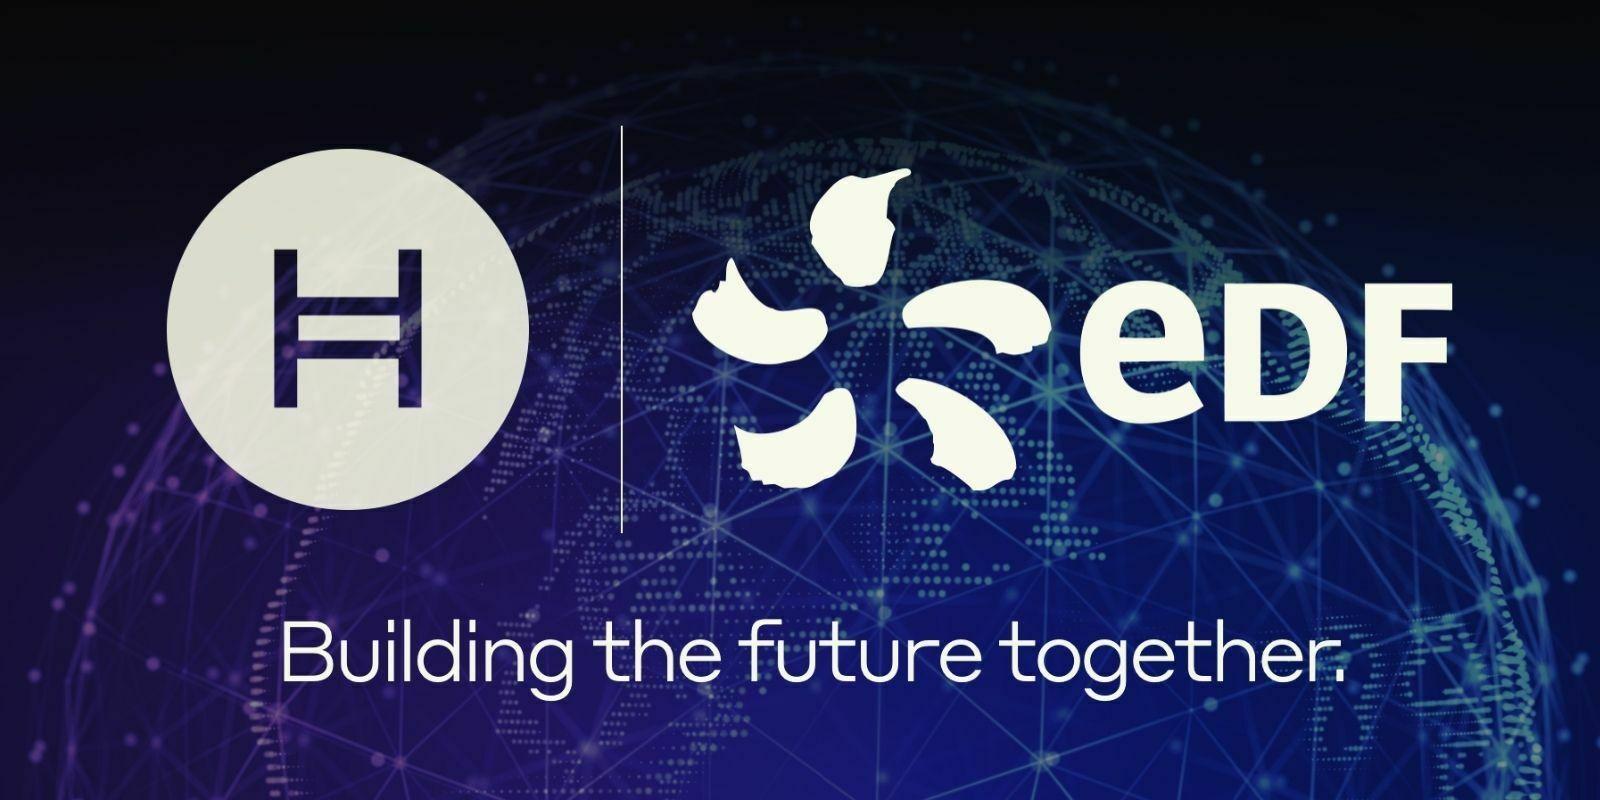 L'EDF rejoint le conseil d'administration d'Hedera Hashgraph et opère un nœud du réseau via sa filiale Exaion